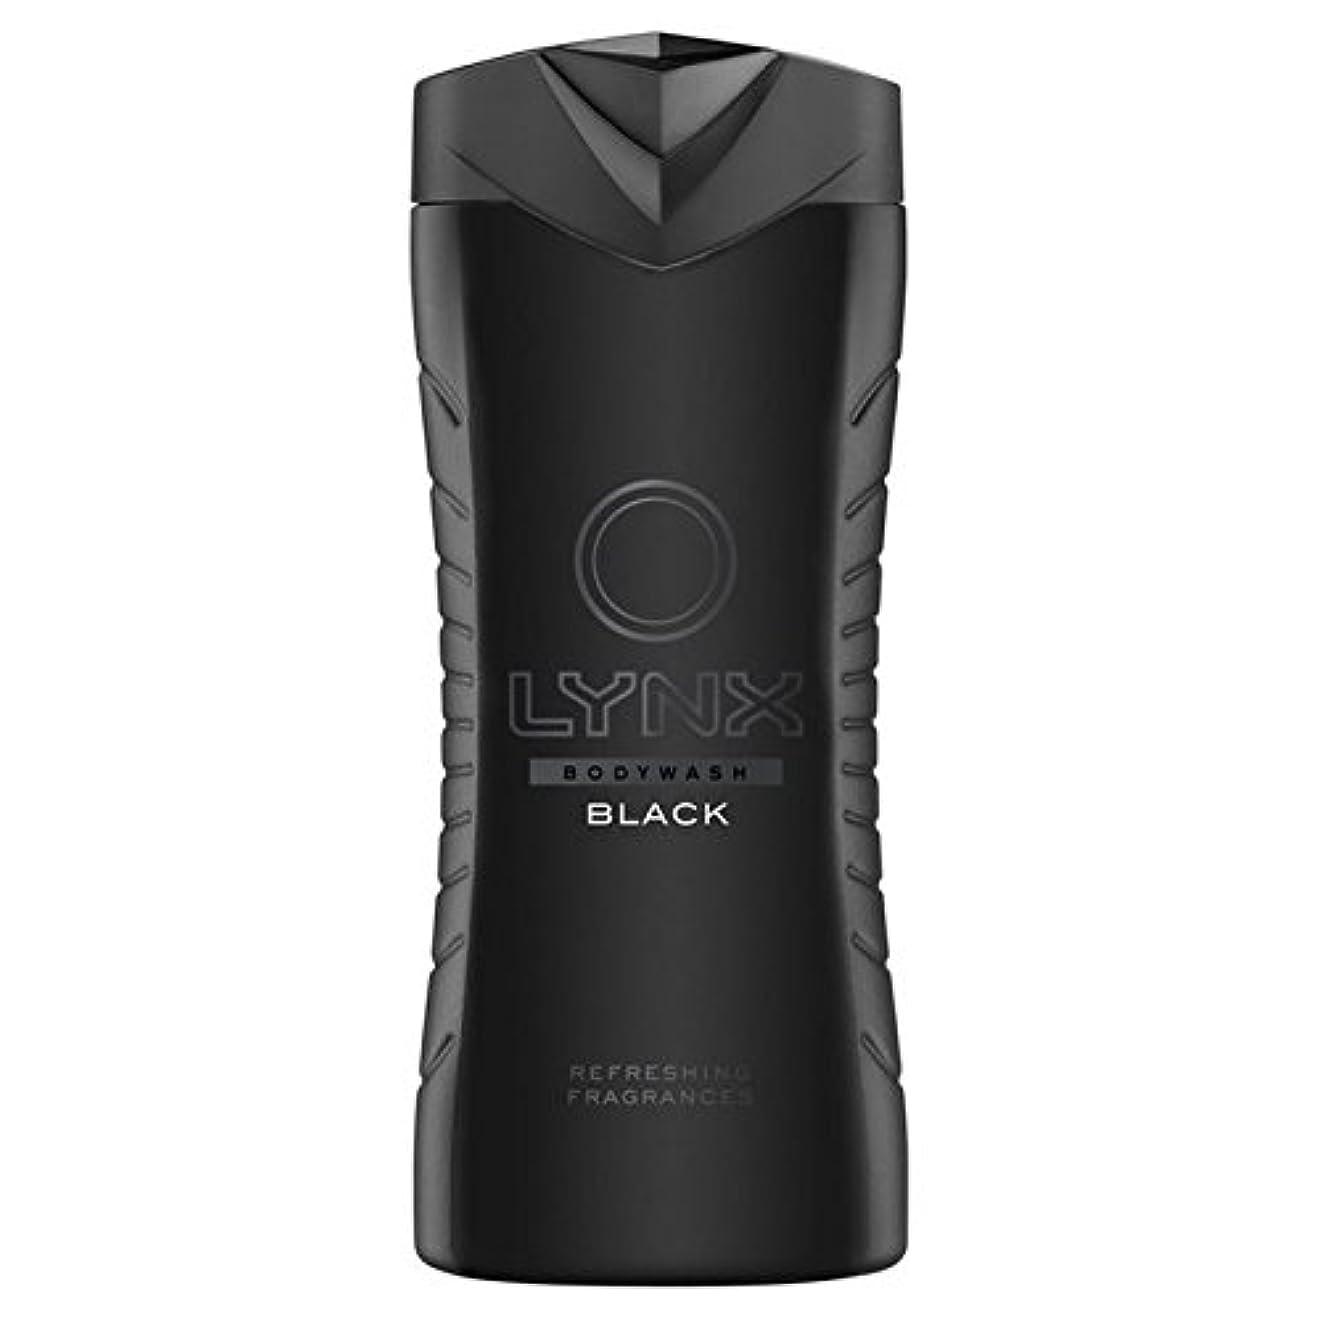 残基対処する定期的にオオヤマネコブラックシャワージェル400ミリリットル x4 - Lynx Black Shower Gel 400ml (Pack of 4) [並行輸入品]